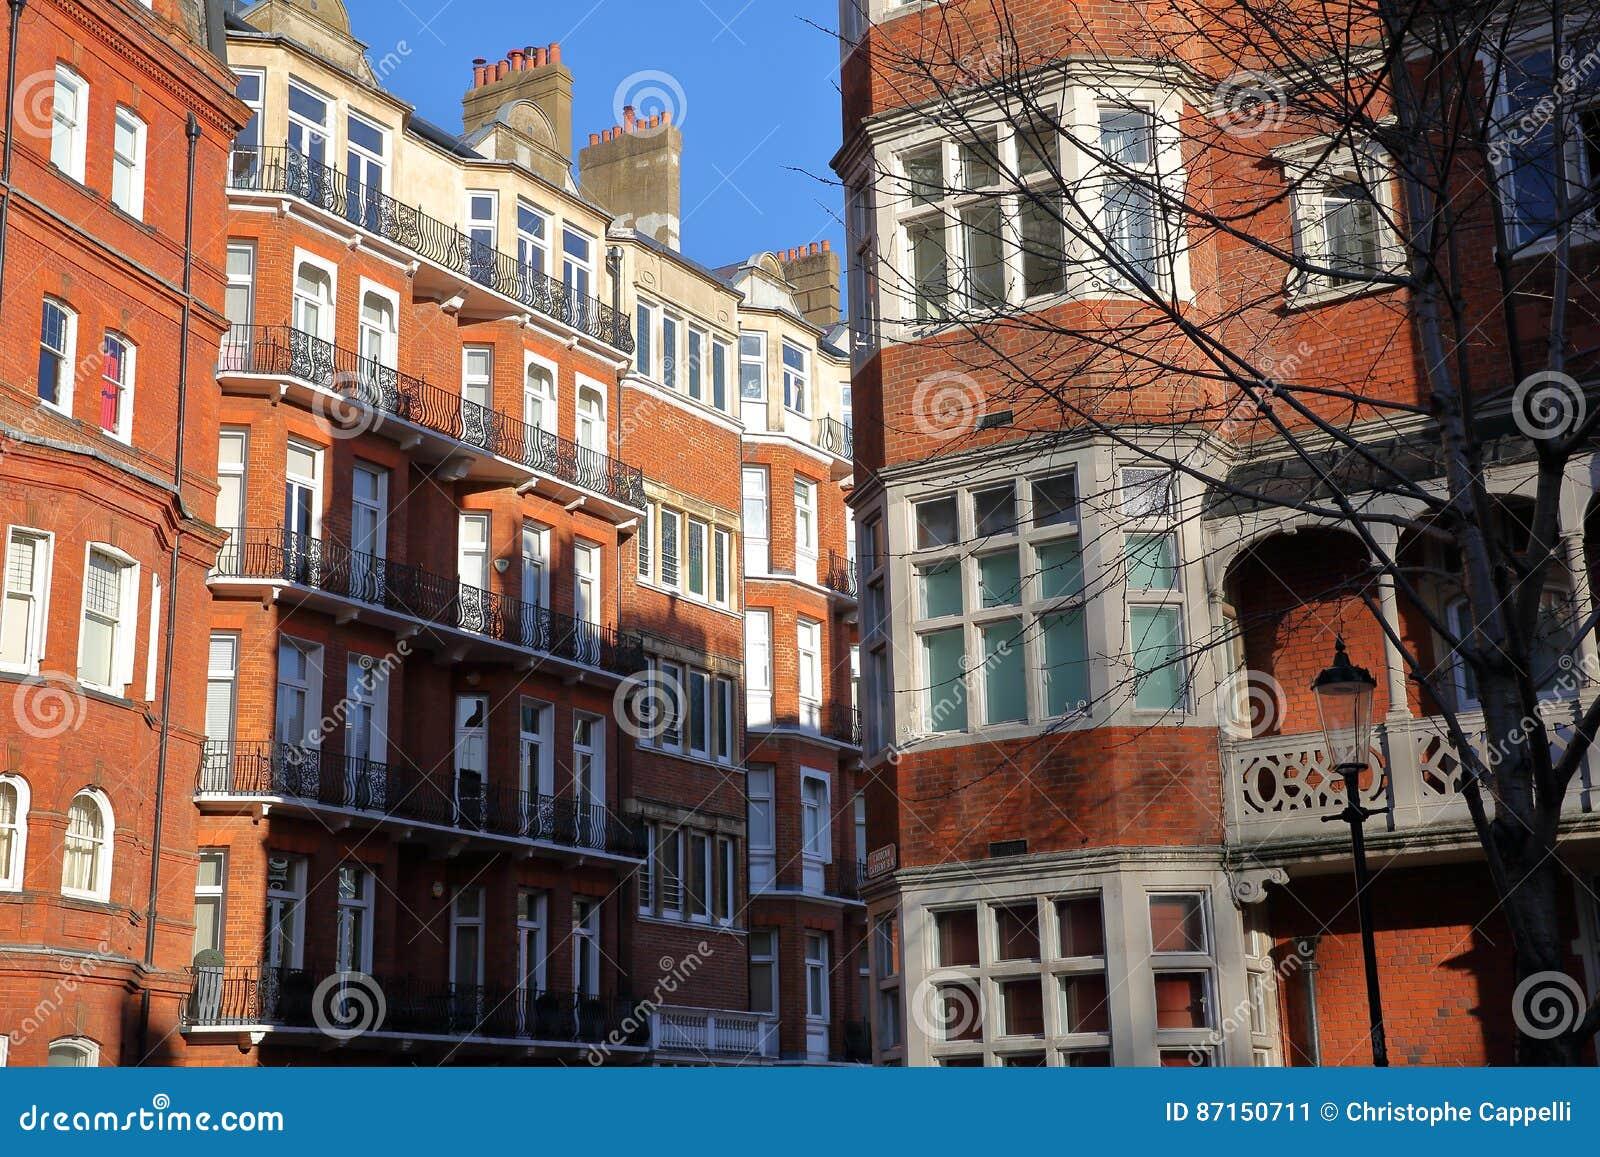 LONDRES, REINO UNIDO - 28 DE NOVIEMBRE DE 2016: Fachadas Victorianas ...